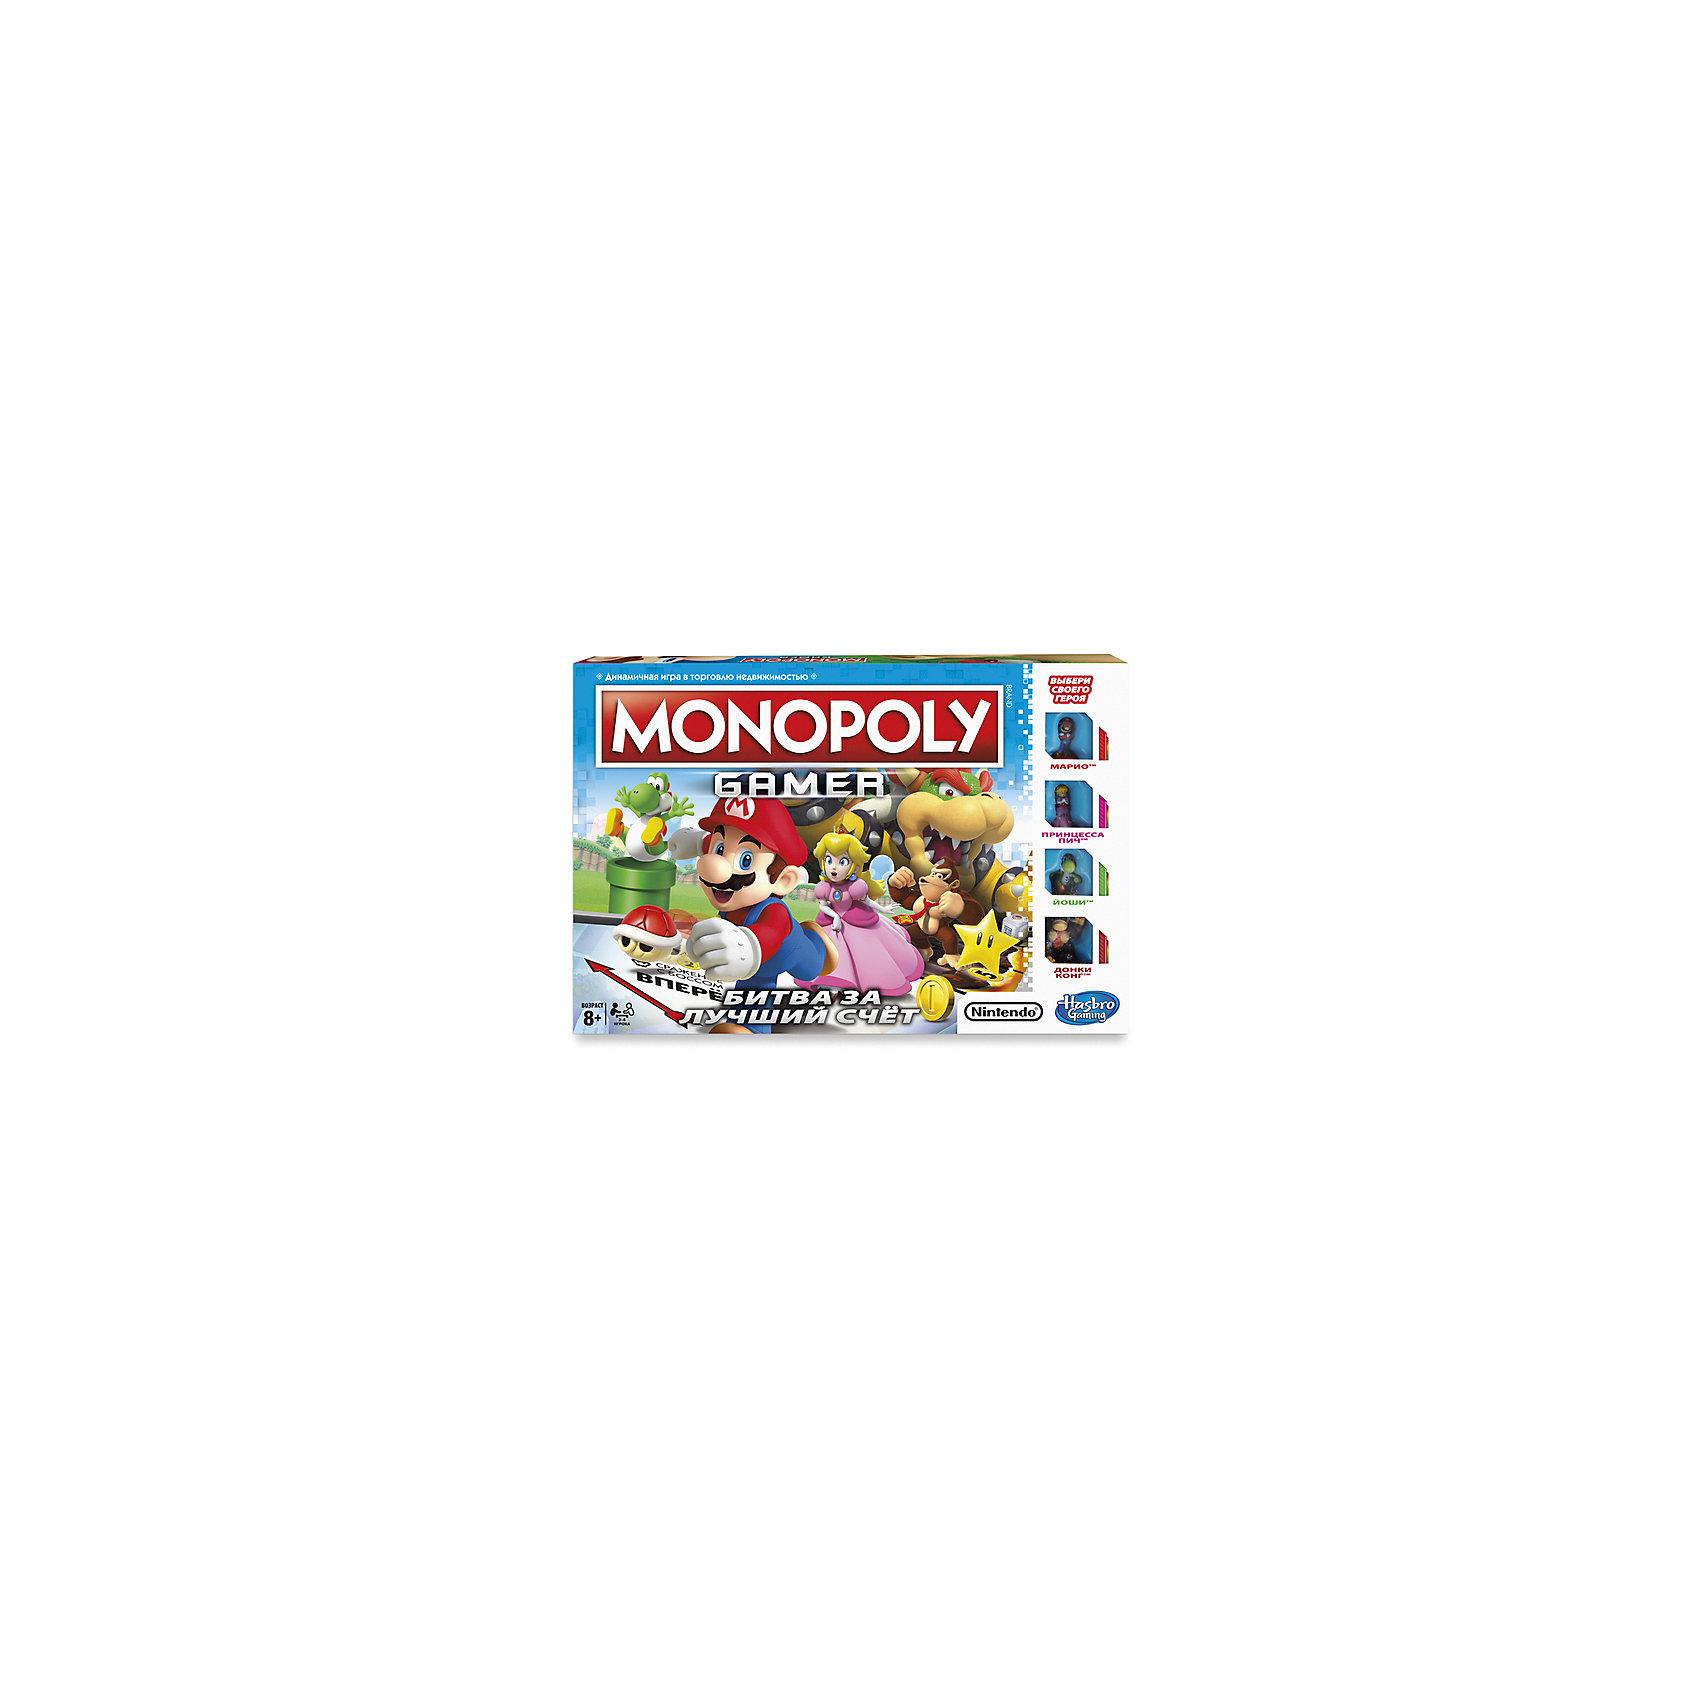 Настольная игры Hasbro Games, Монополия геймерЭкономические настольные игры<br>Характеристики товара:<br><br>• возраст: от 8 лет;<br>• материал: пластик, картон;<br>• в комплекте: игровое поле, 4 фишки-героя, 4 карточки с описанием героя, 30 съемных сторон кубика, 4 стороны кубика с героями, 4 черные стороны кубика, 24 белые стороны кубика, 16 карточек уровней игры, 10 карточек Босса, 30 желтых монет, 10 золотых монет, 1 кубик, инструкция;<br>• размер упаковки: 27,3х27,3х40,6 см;<br>• вес упаковки: 5,11 кг;<br>• страна производитель: Китай.<br><br>Настольная игра «Монополия. Геймер» Hasbro - популярная и известная игра Монополия, где предстоит торговать недвижимостью, продавать, покупать, собирать деньги, сражаться с боссами и многое другое. Фишки в игре выполнены в виде персонажей видеоигры «Марио».<br><br>Настольную игру «Монополия. Геймер» Hasbro можно приобрести в нашем интернет-магазине.<br><br>Ширина мм: 406<br>Глубина мм: 273<br>Высота мм: 273<br>Вес г: 5110<br>Возраст от месяцев: 96<br>Возраст до месяцев: 2147483647<br>Пол: Унисекс<br>Возраст: Детский<br>SKU: 7143017